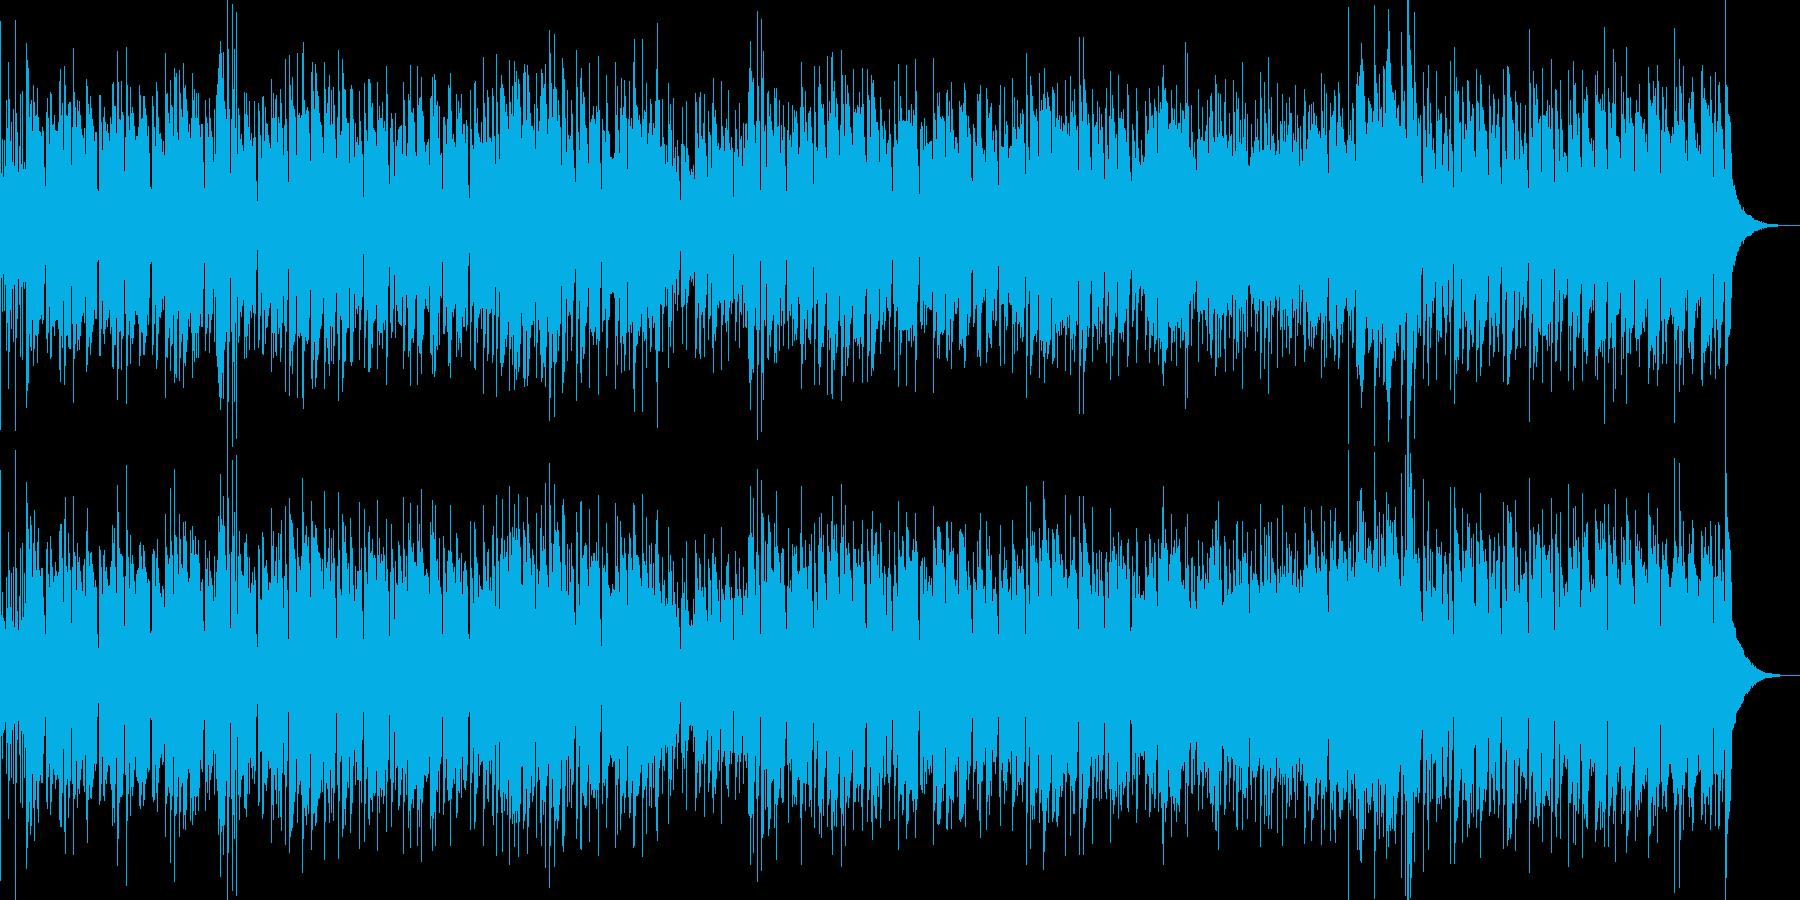 スタンダードジャズブラスバンド 企画物の再生済みの波形